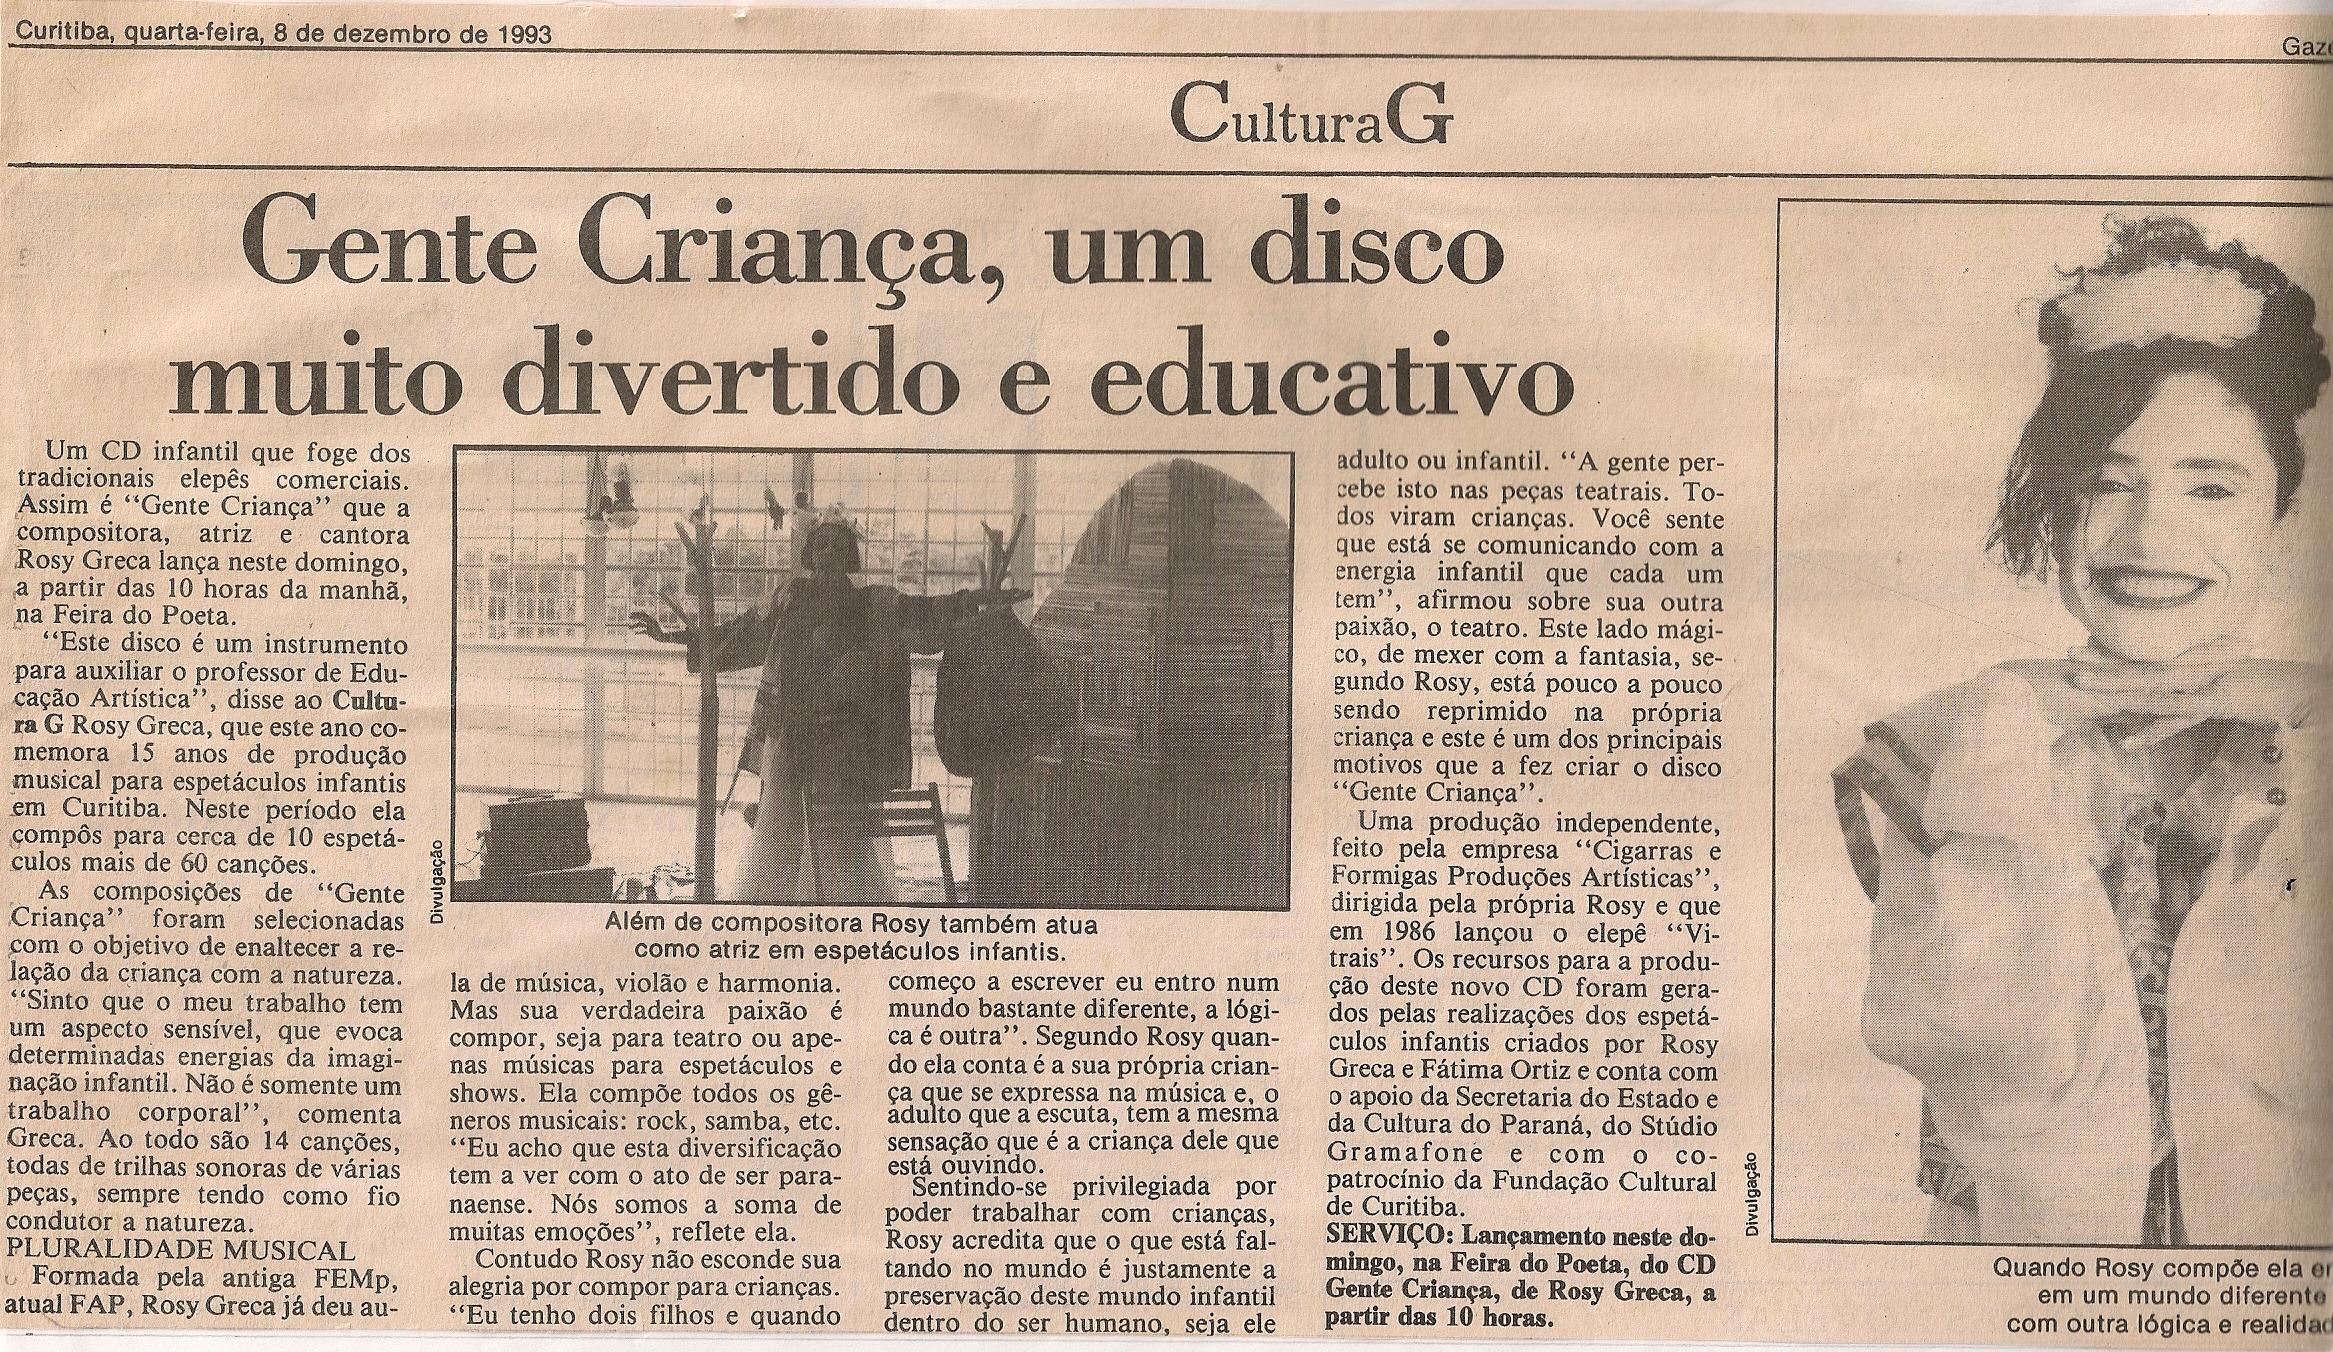 Gente Criança, um disco muito divertido e educativo, Gazeta do Povo, 1993